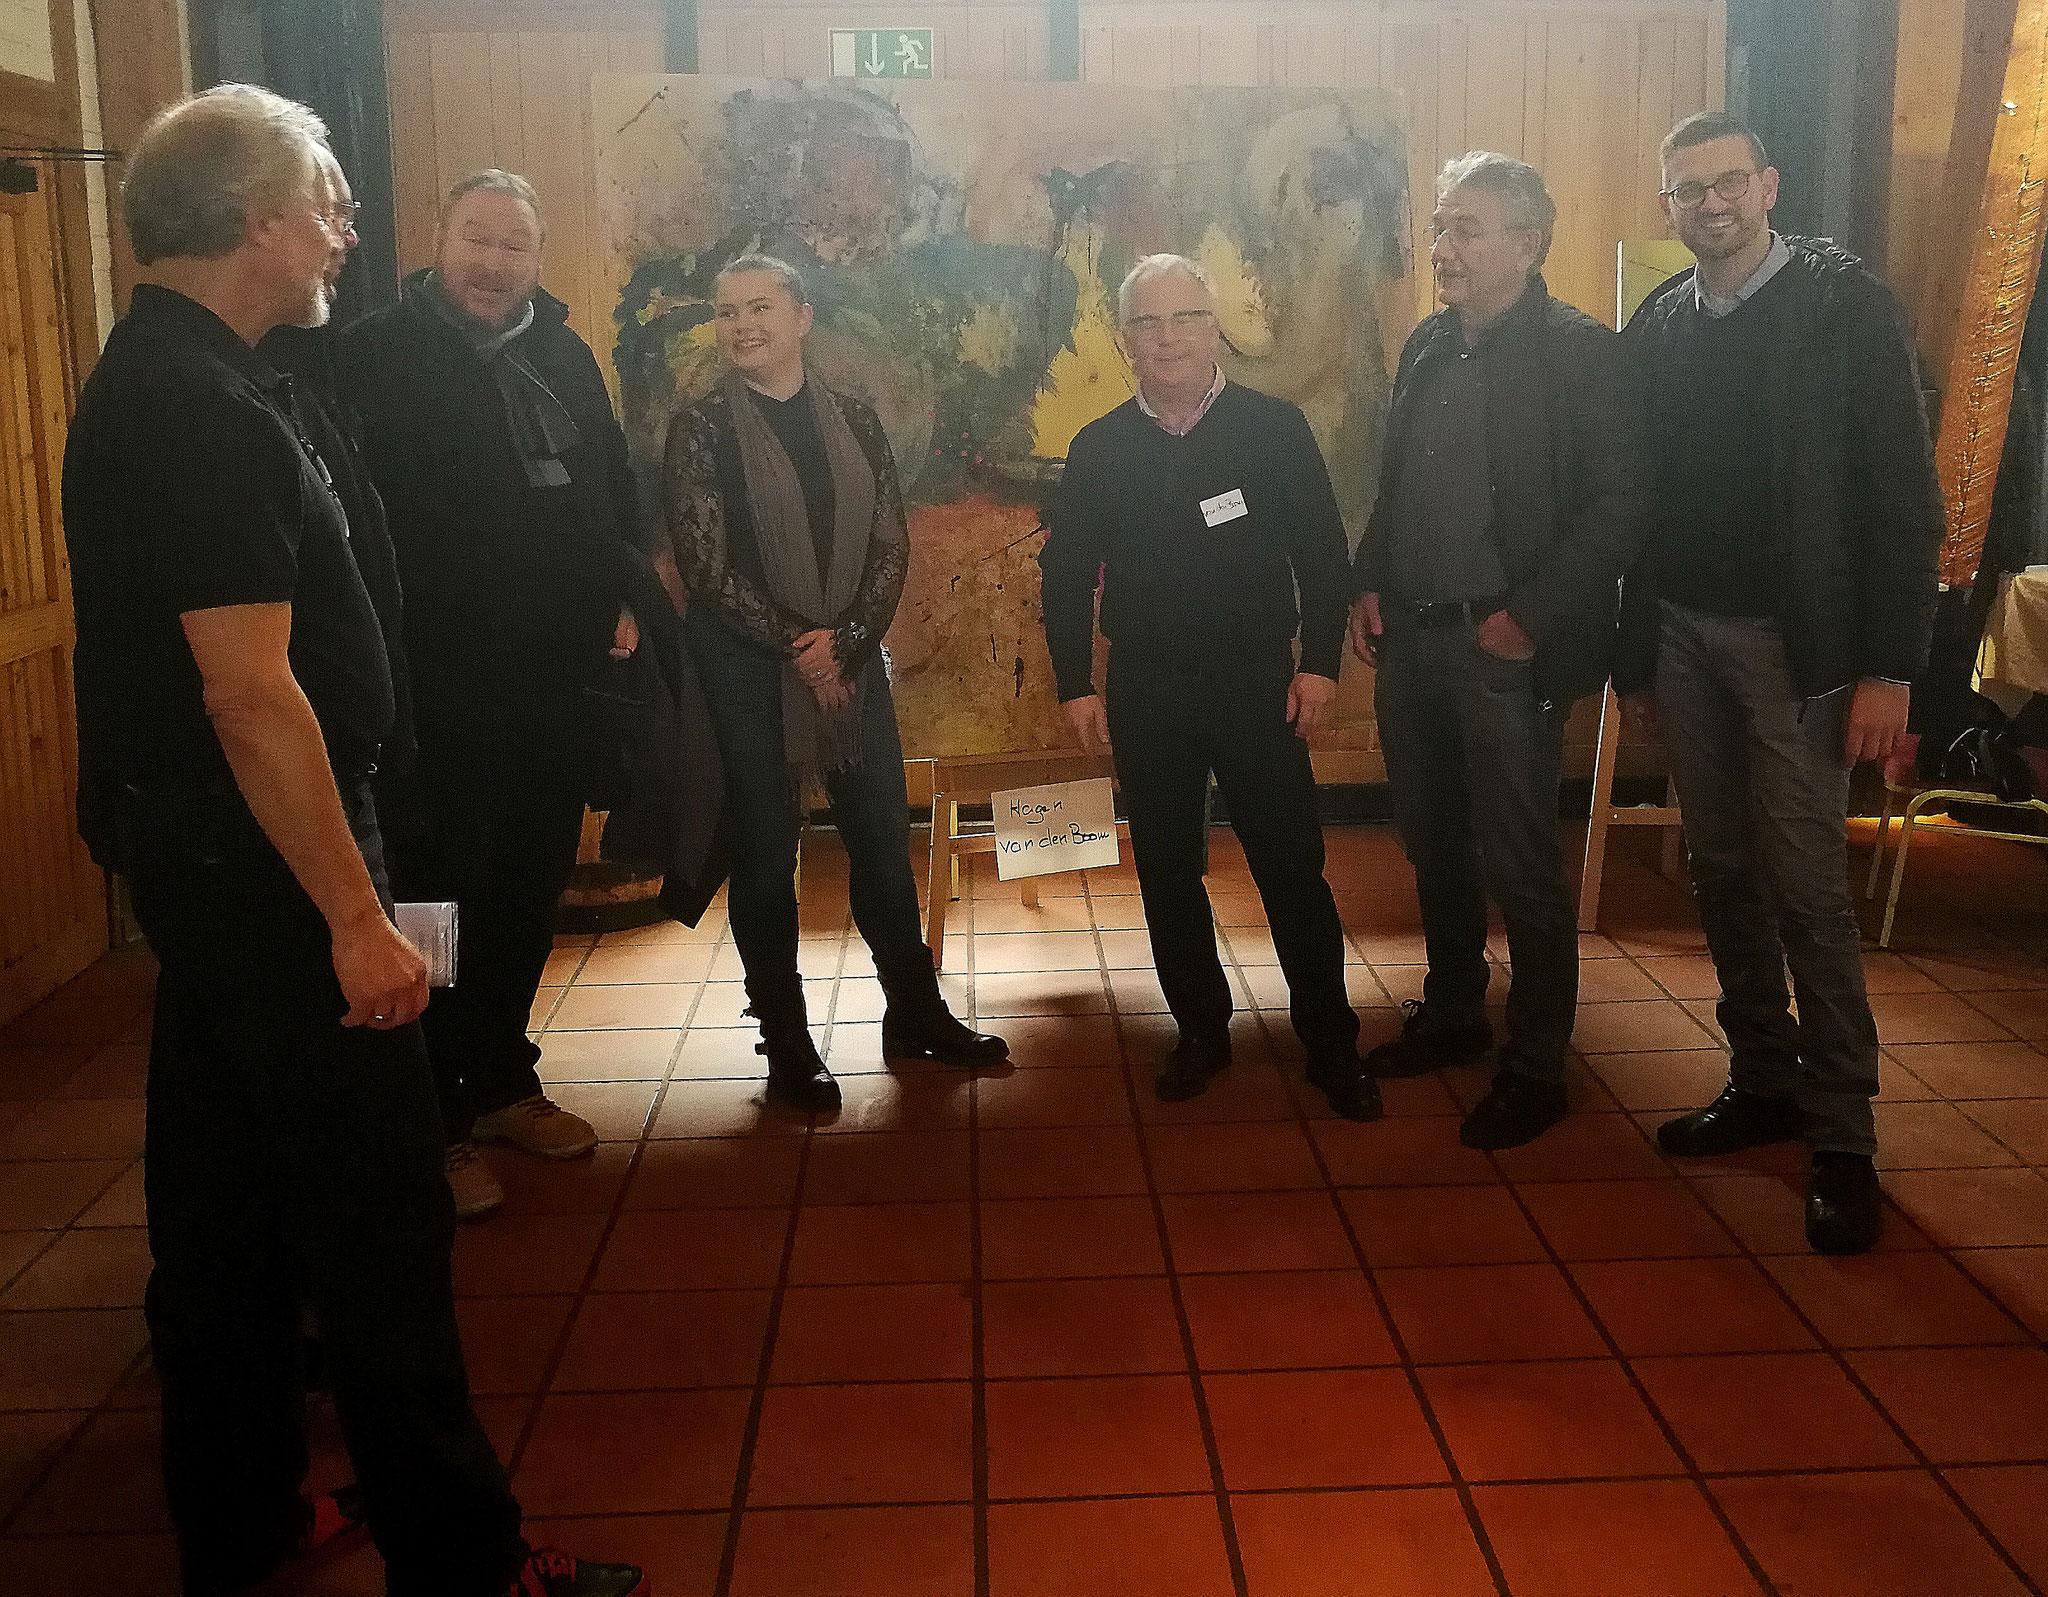 Gruppenbild nach der Eröffnung mit Künstler Hagen van den Boom vor dessen größtem Exponat